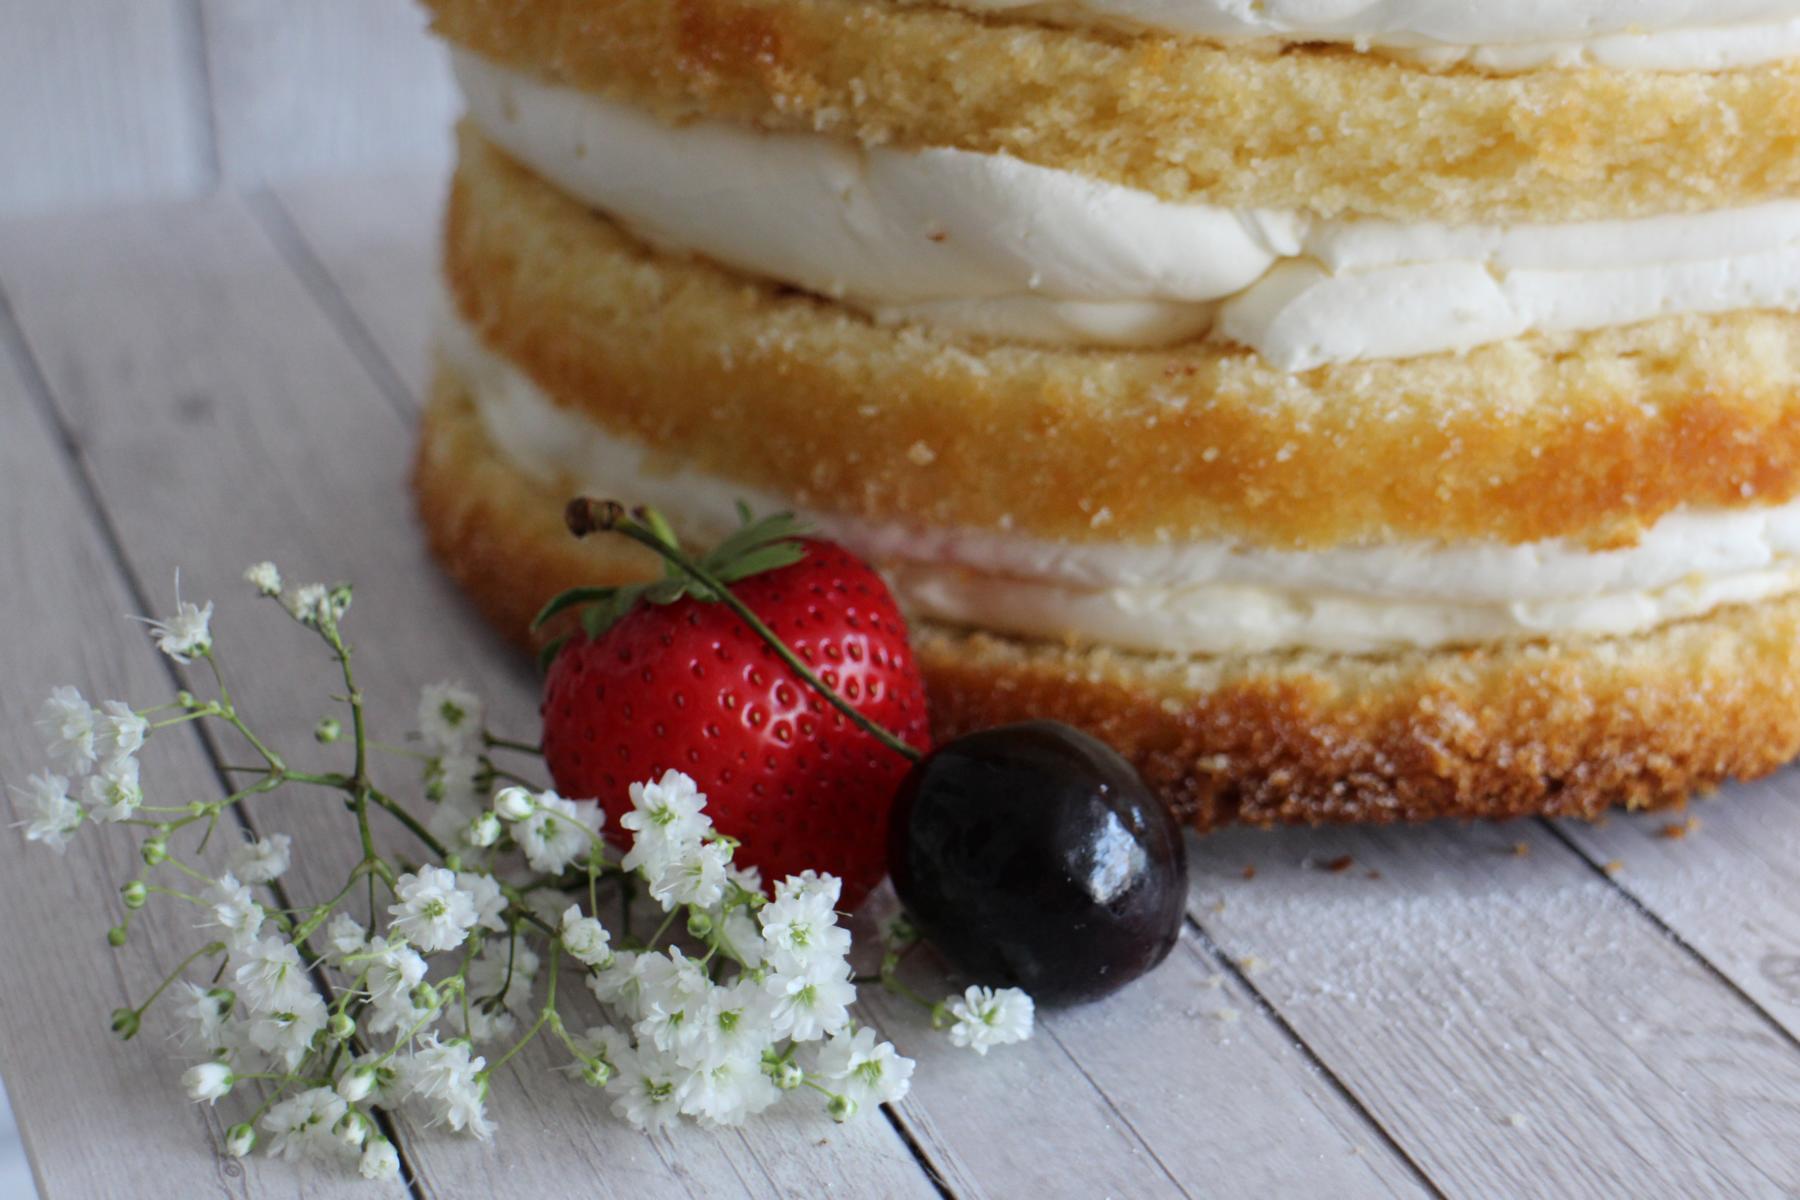 Saftiger Vanillekuchen Basisrezept Cake It Up Tortendesign